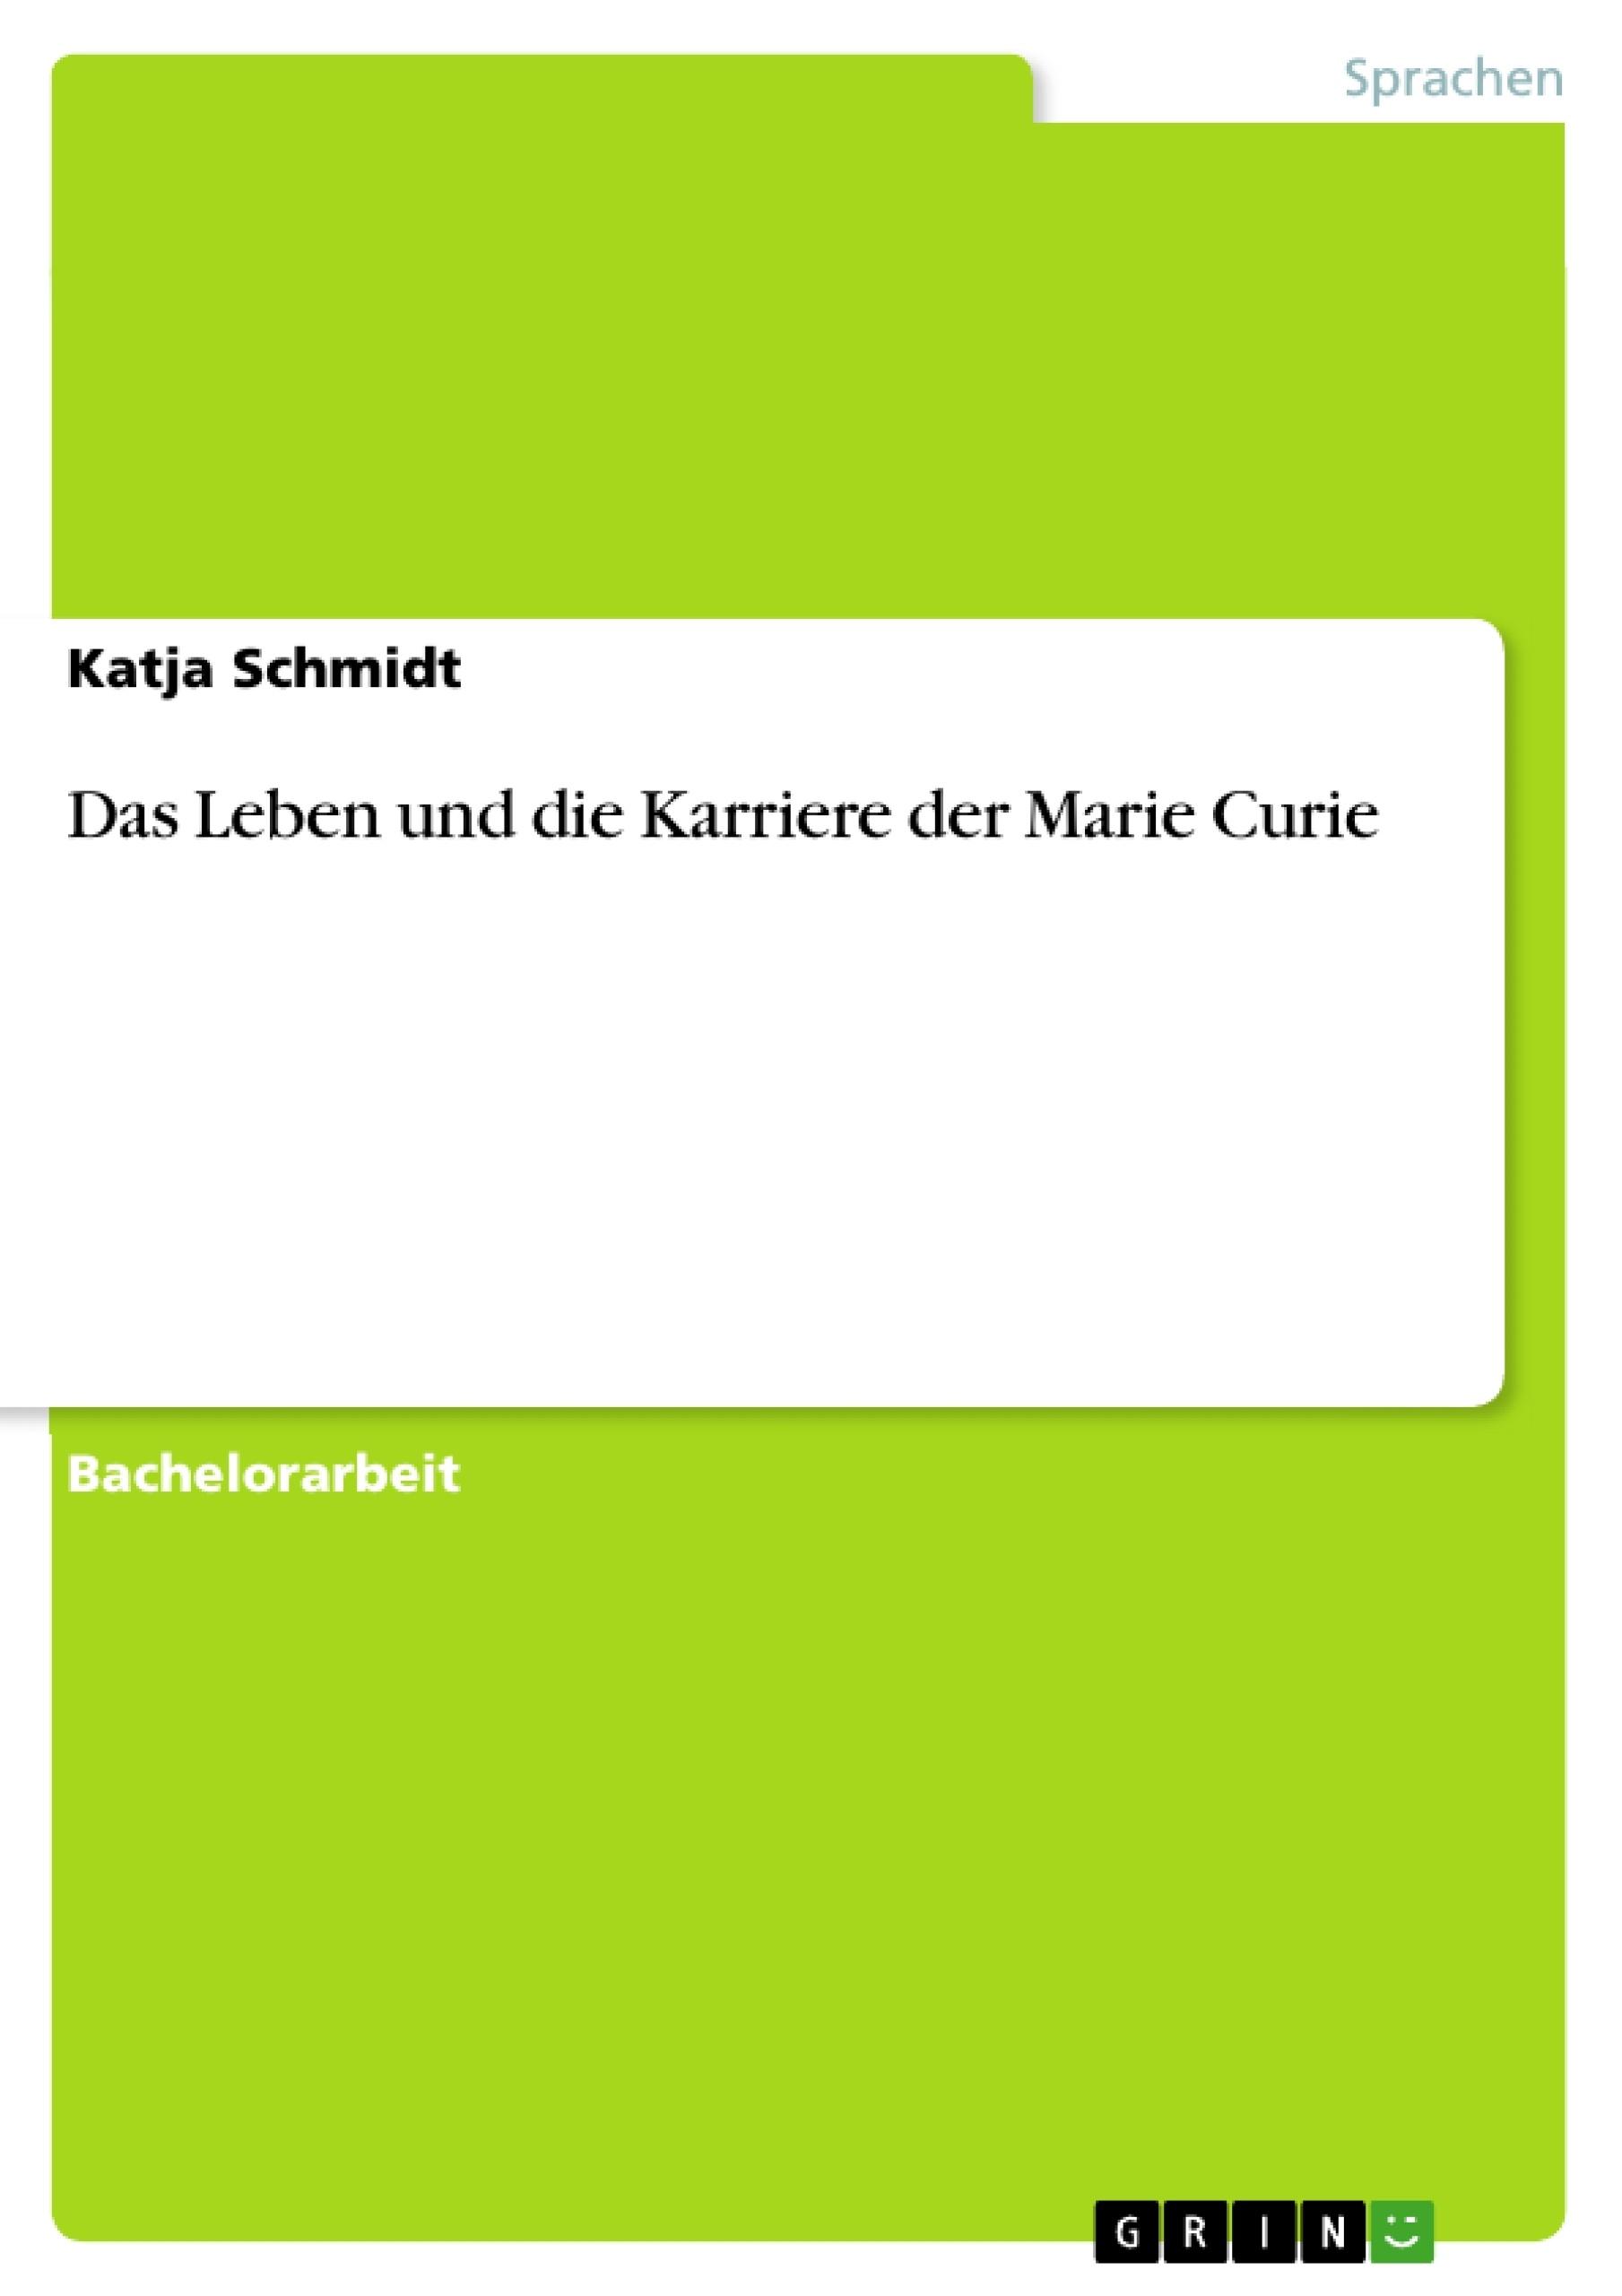 Titel: Das Leben und die Karriere der Marie Curie